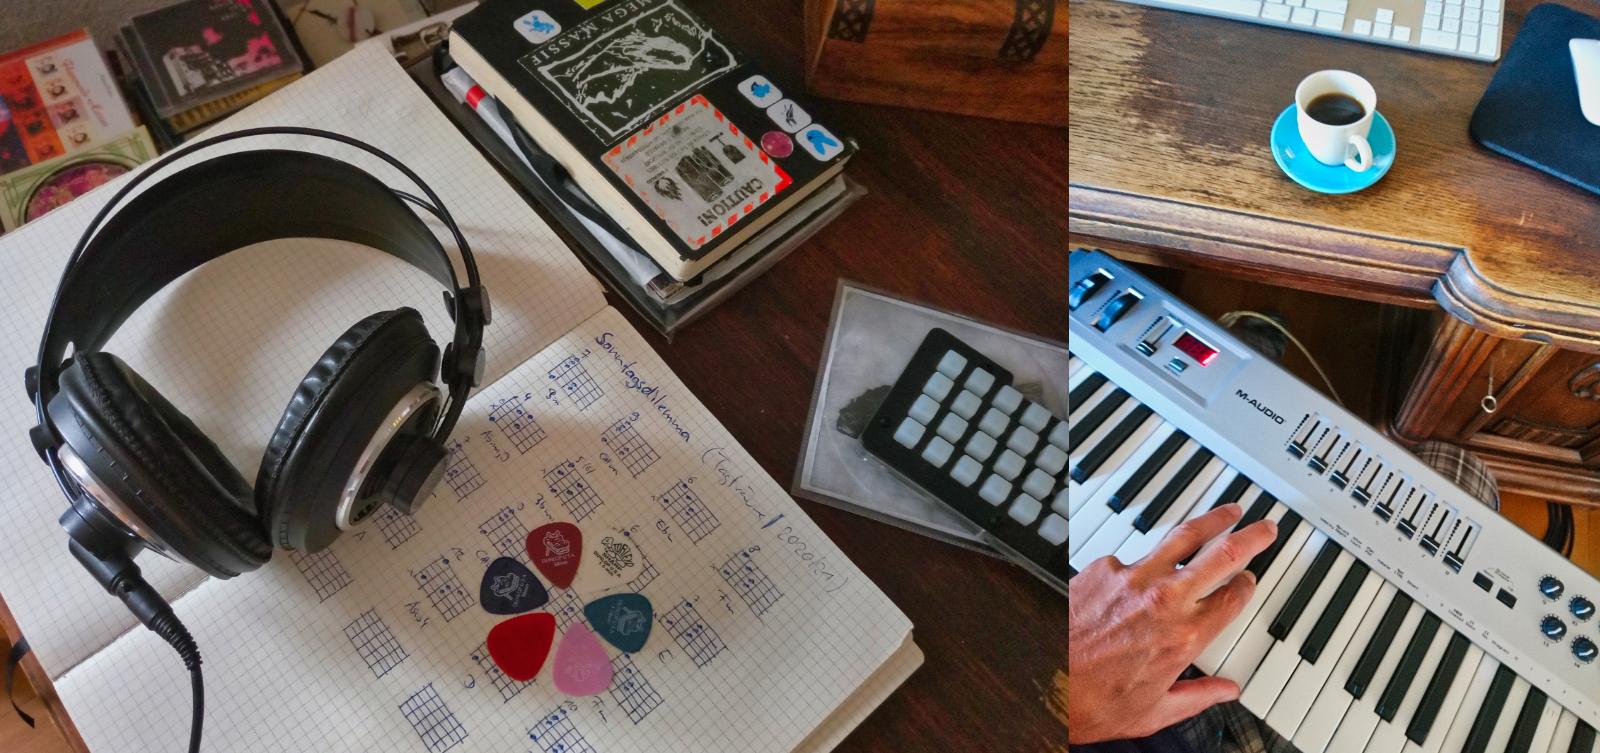 Kopfhörer-Musik aus'm Klanglabor direkt in's Musikregal und auf die Ohren der Zuhörer